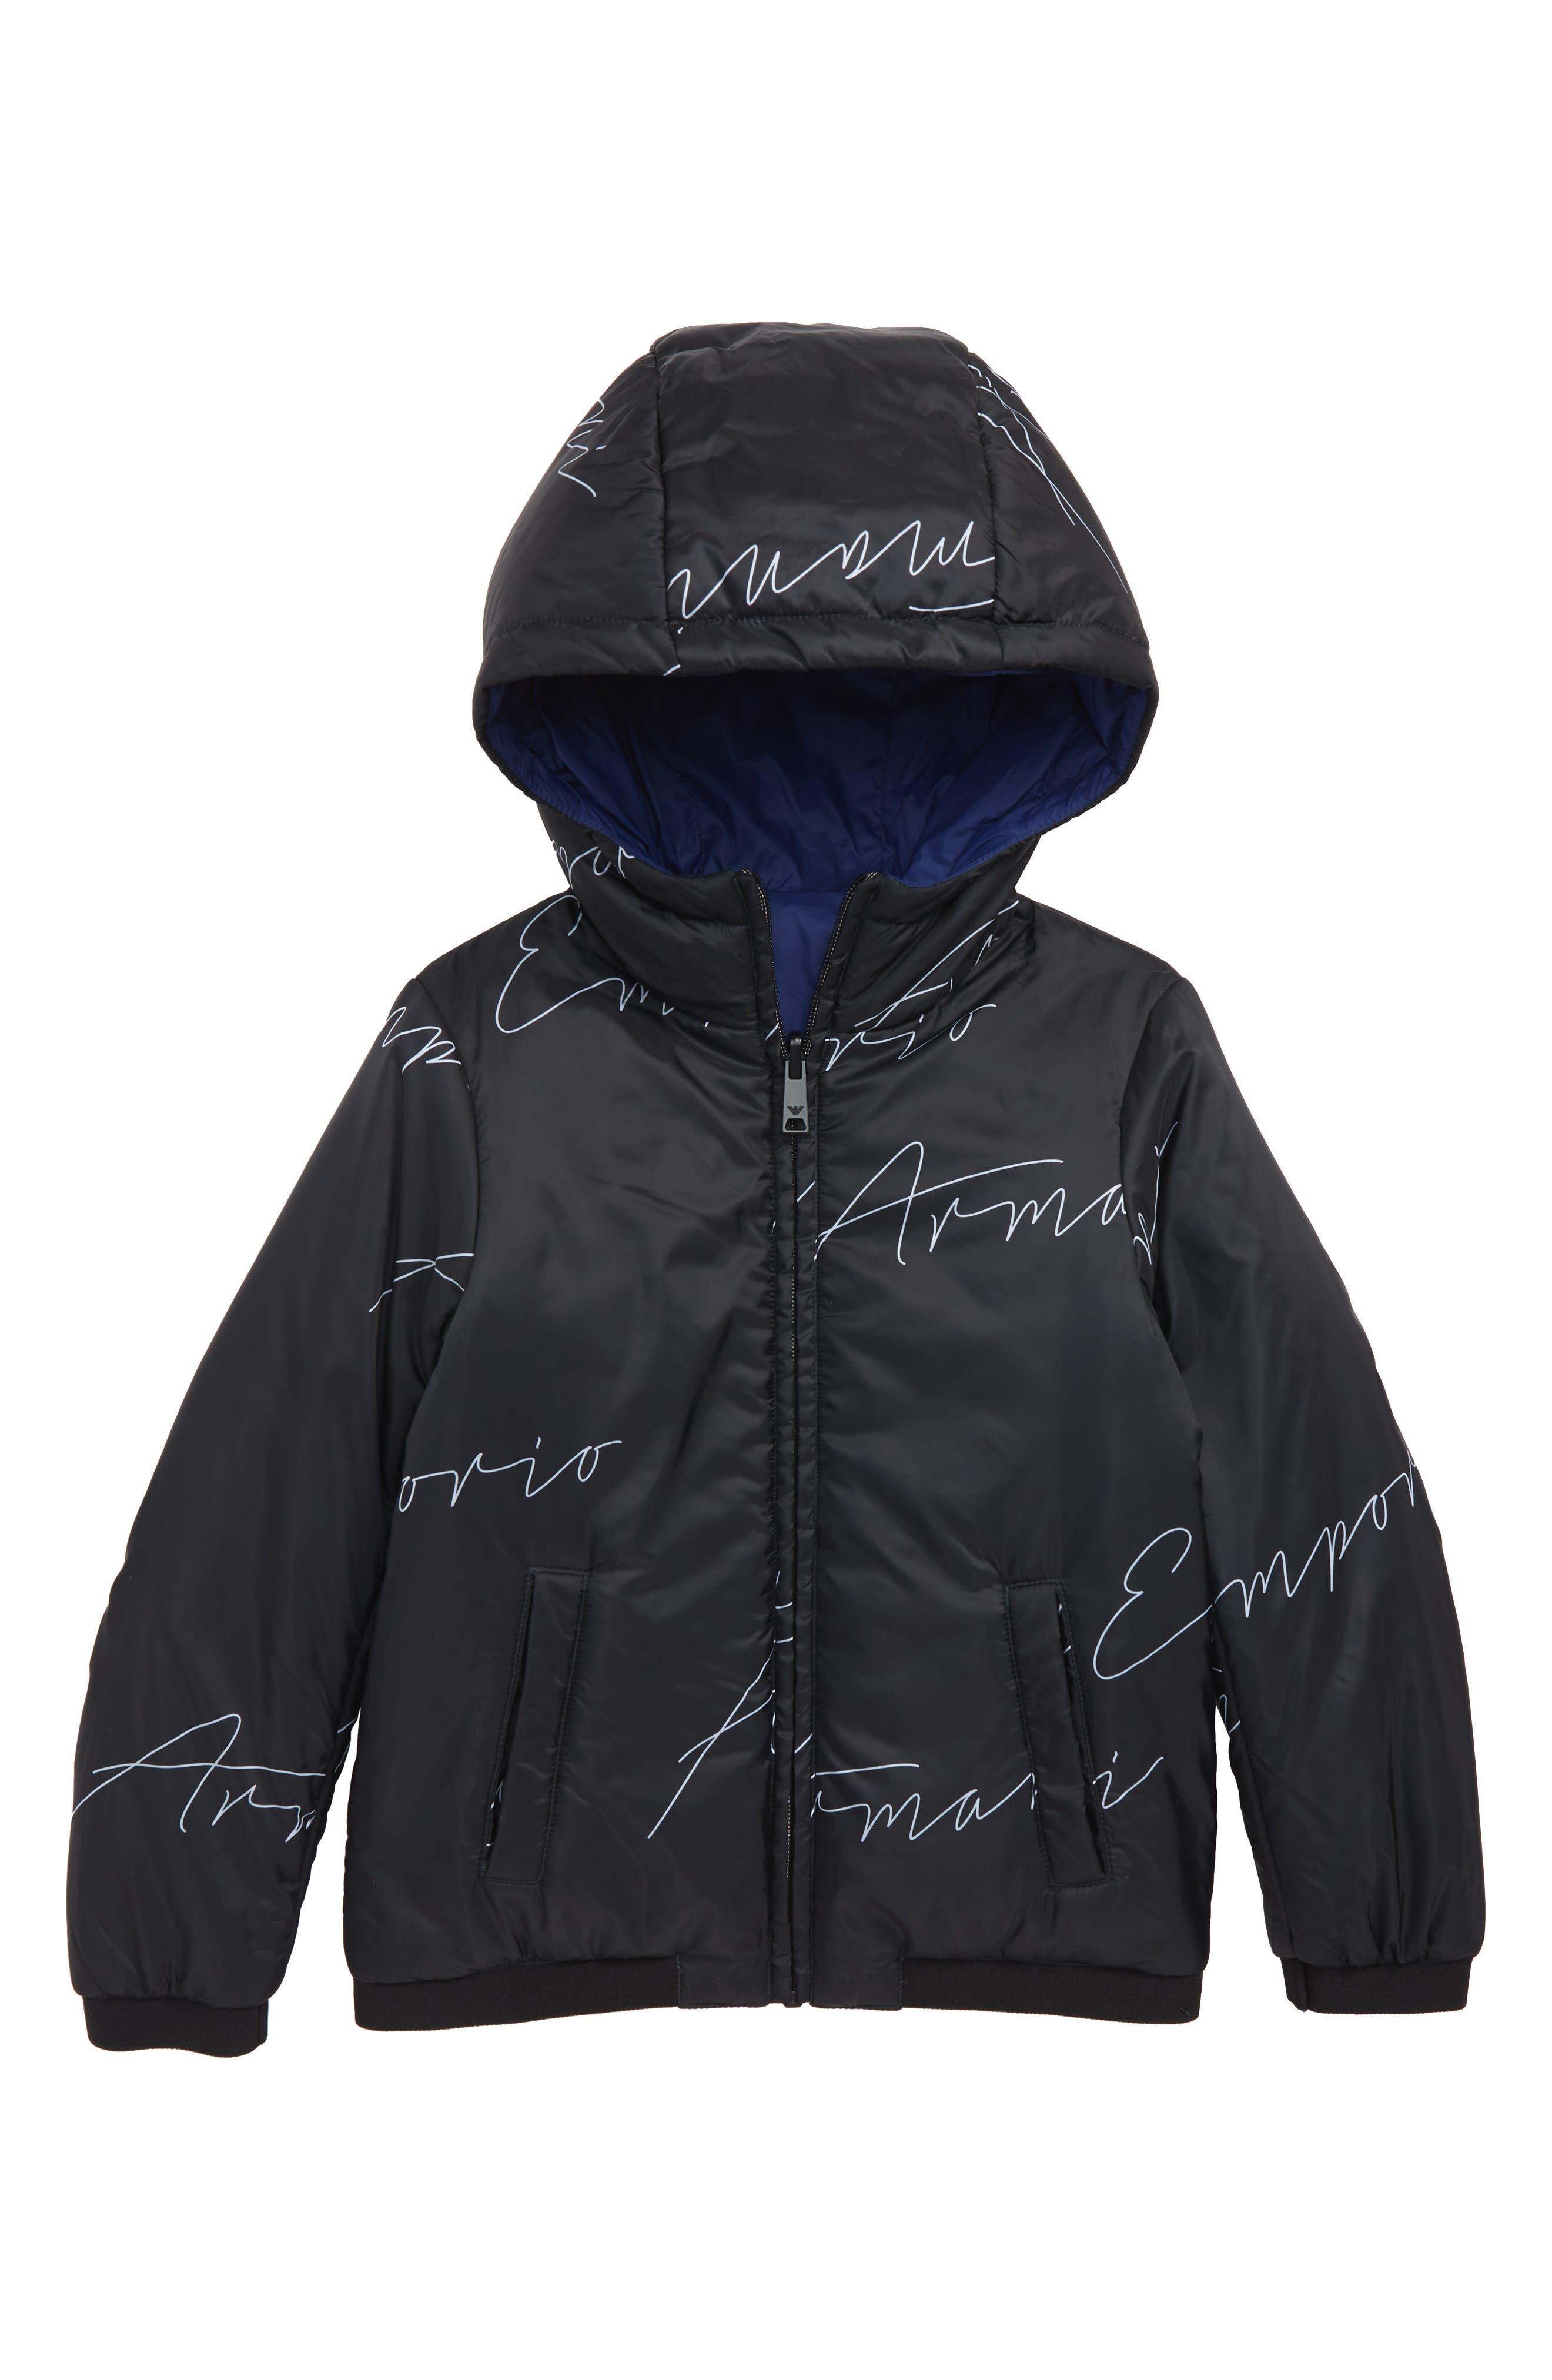 Armani Reversible Nylon Jacket,                             Main thumbnail 1, color,                             MULTI